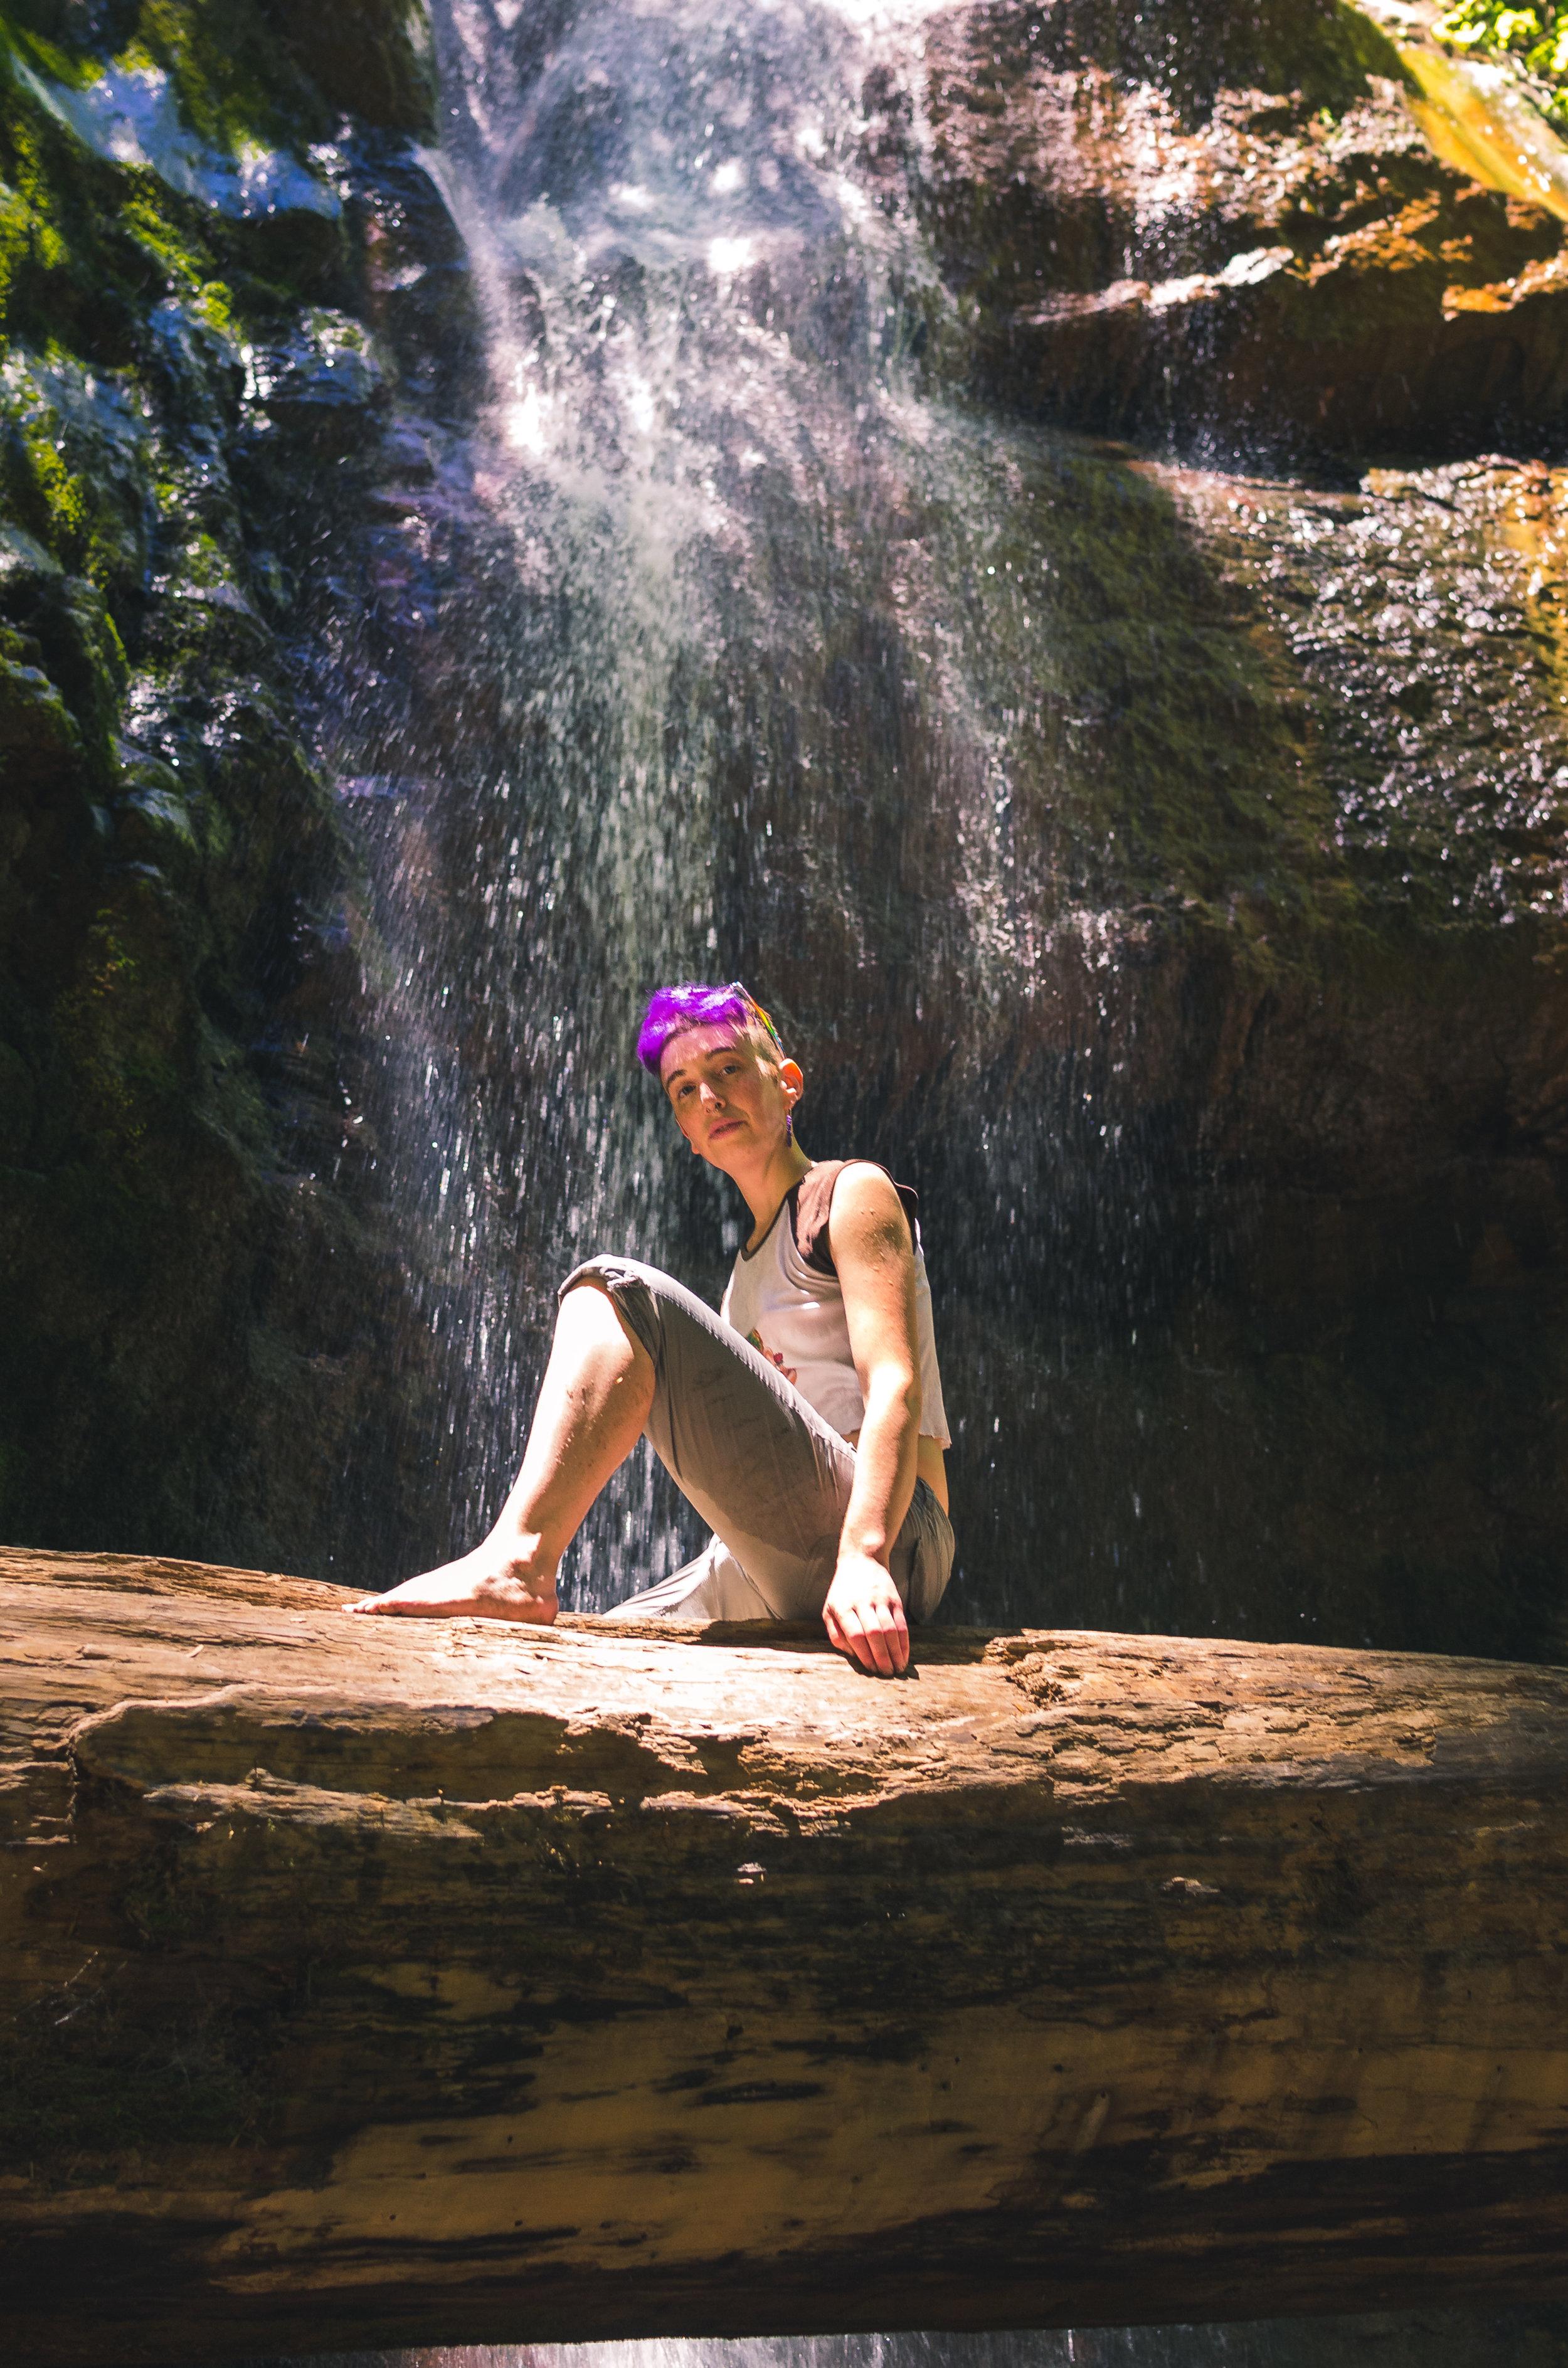 Qori Moorehaul, Artist, Big Sur, California